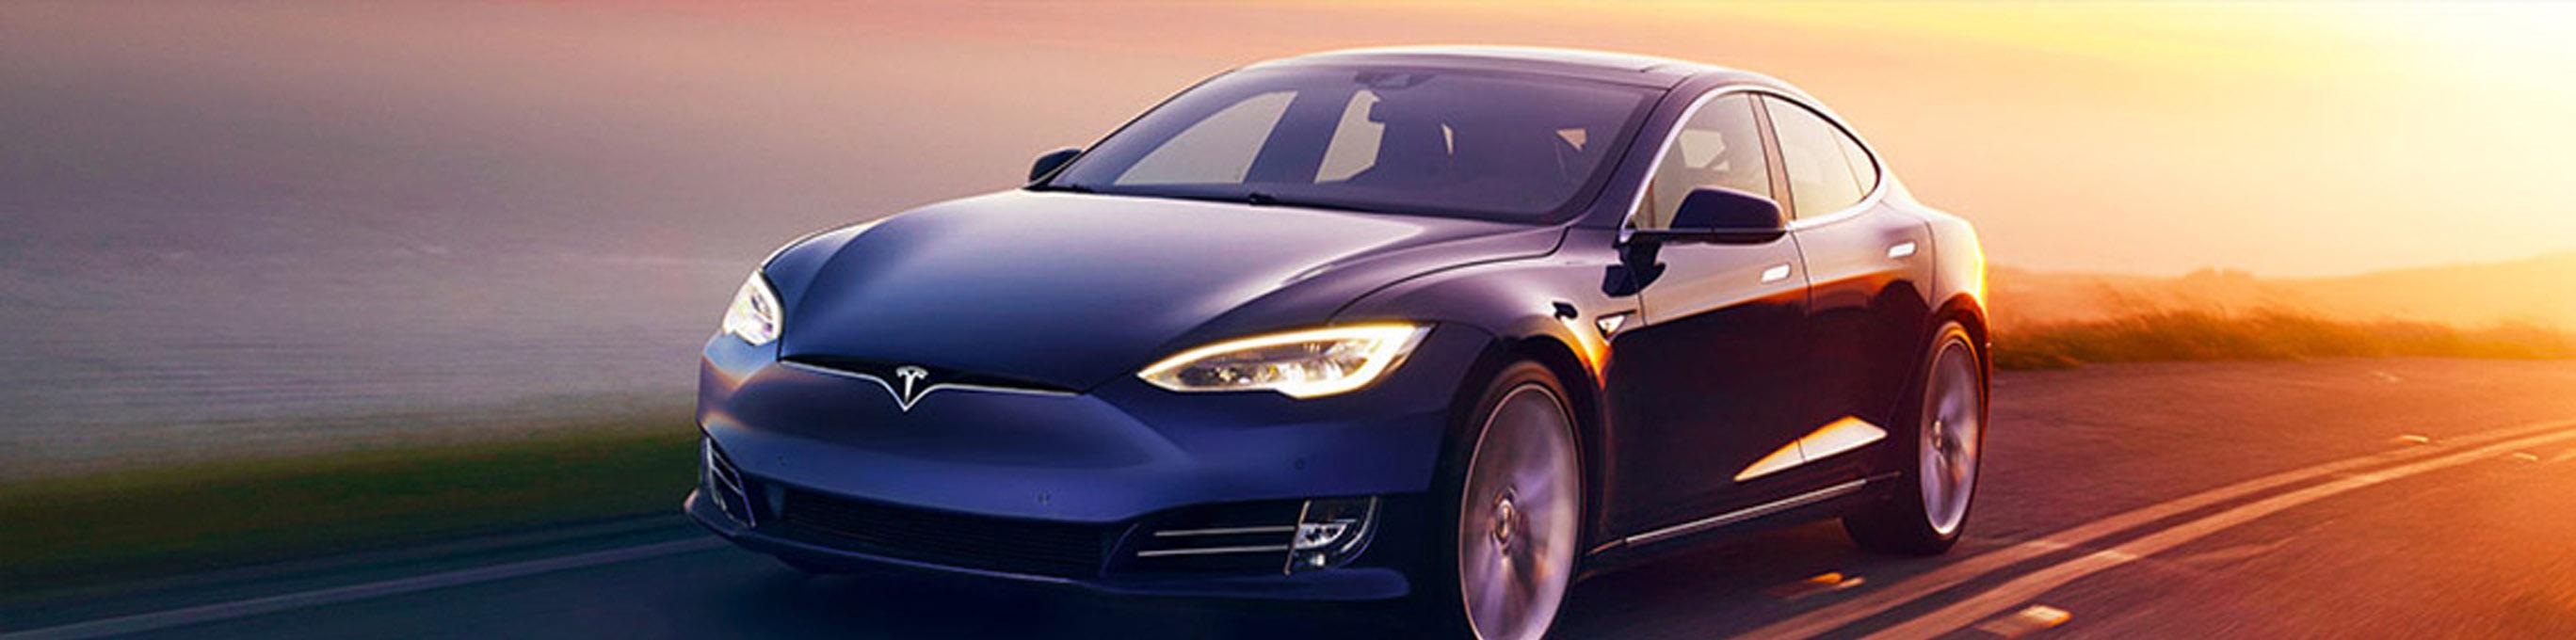 Tesla slider